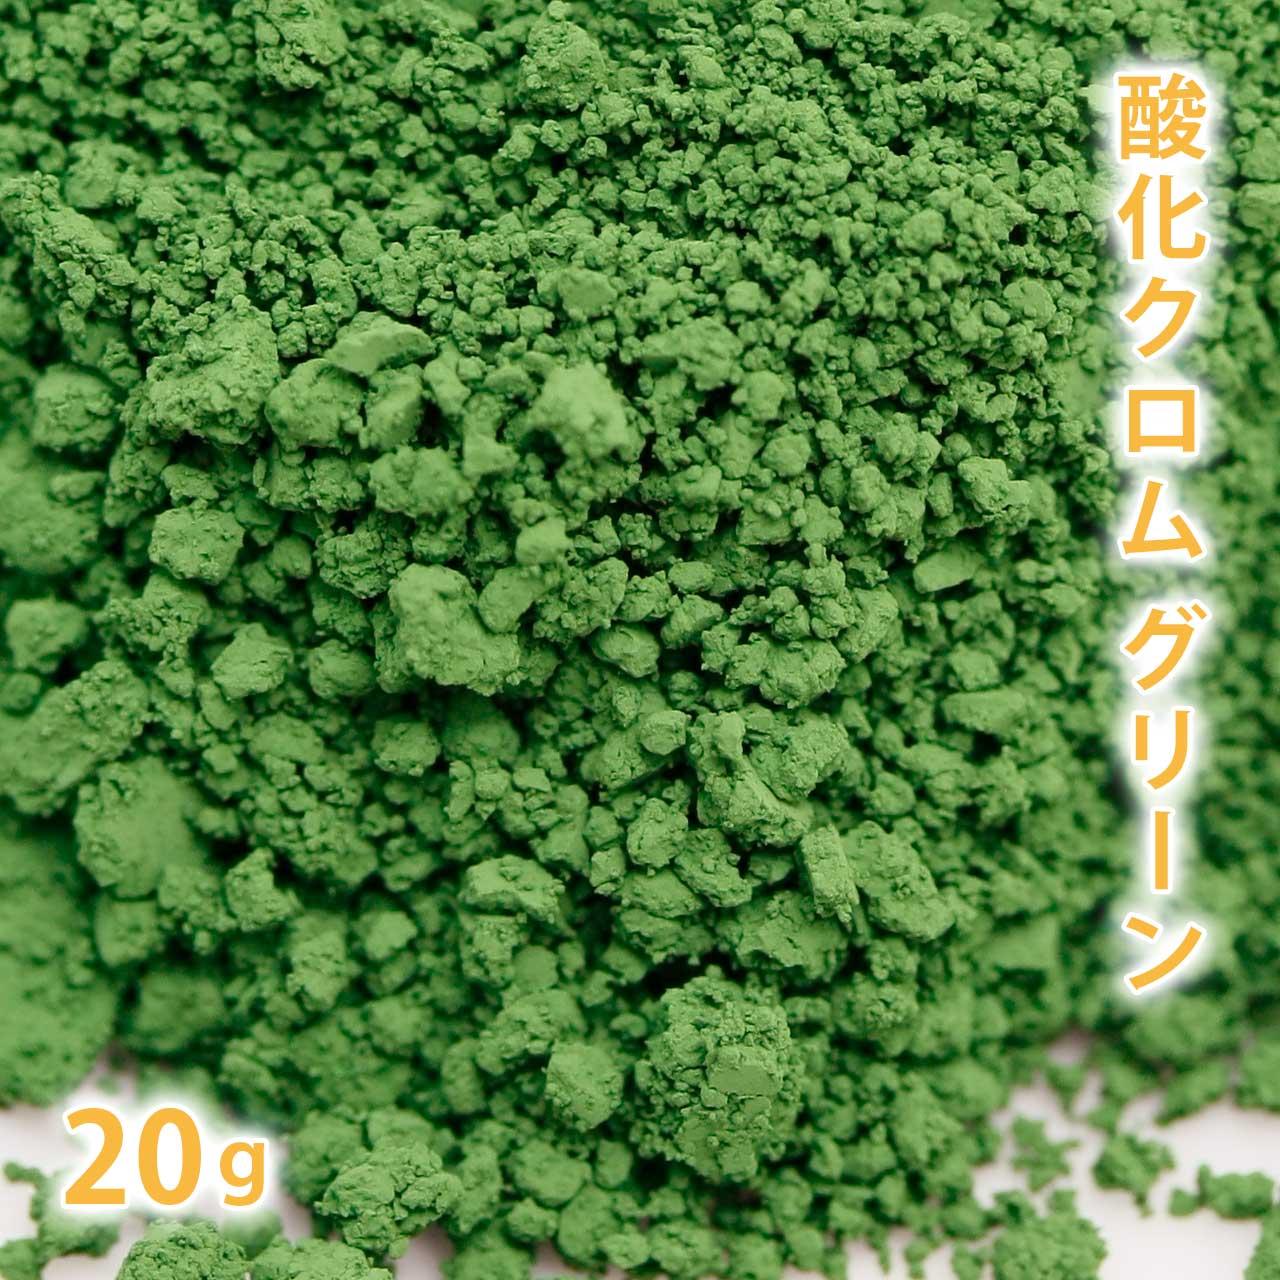 手作り石鹸や手作りコスメにも 捧呈 カラーラント クロム グリーン 緑 色付け 格安SALEスタート ポストお届け可 3 酸化クロム 手作り石鹸 20g 手作りコスメ